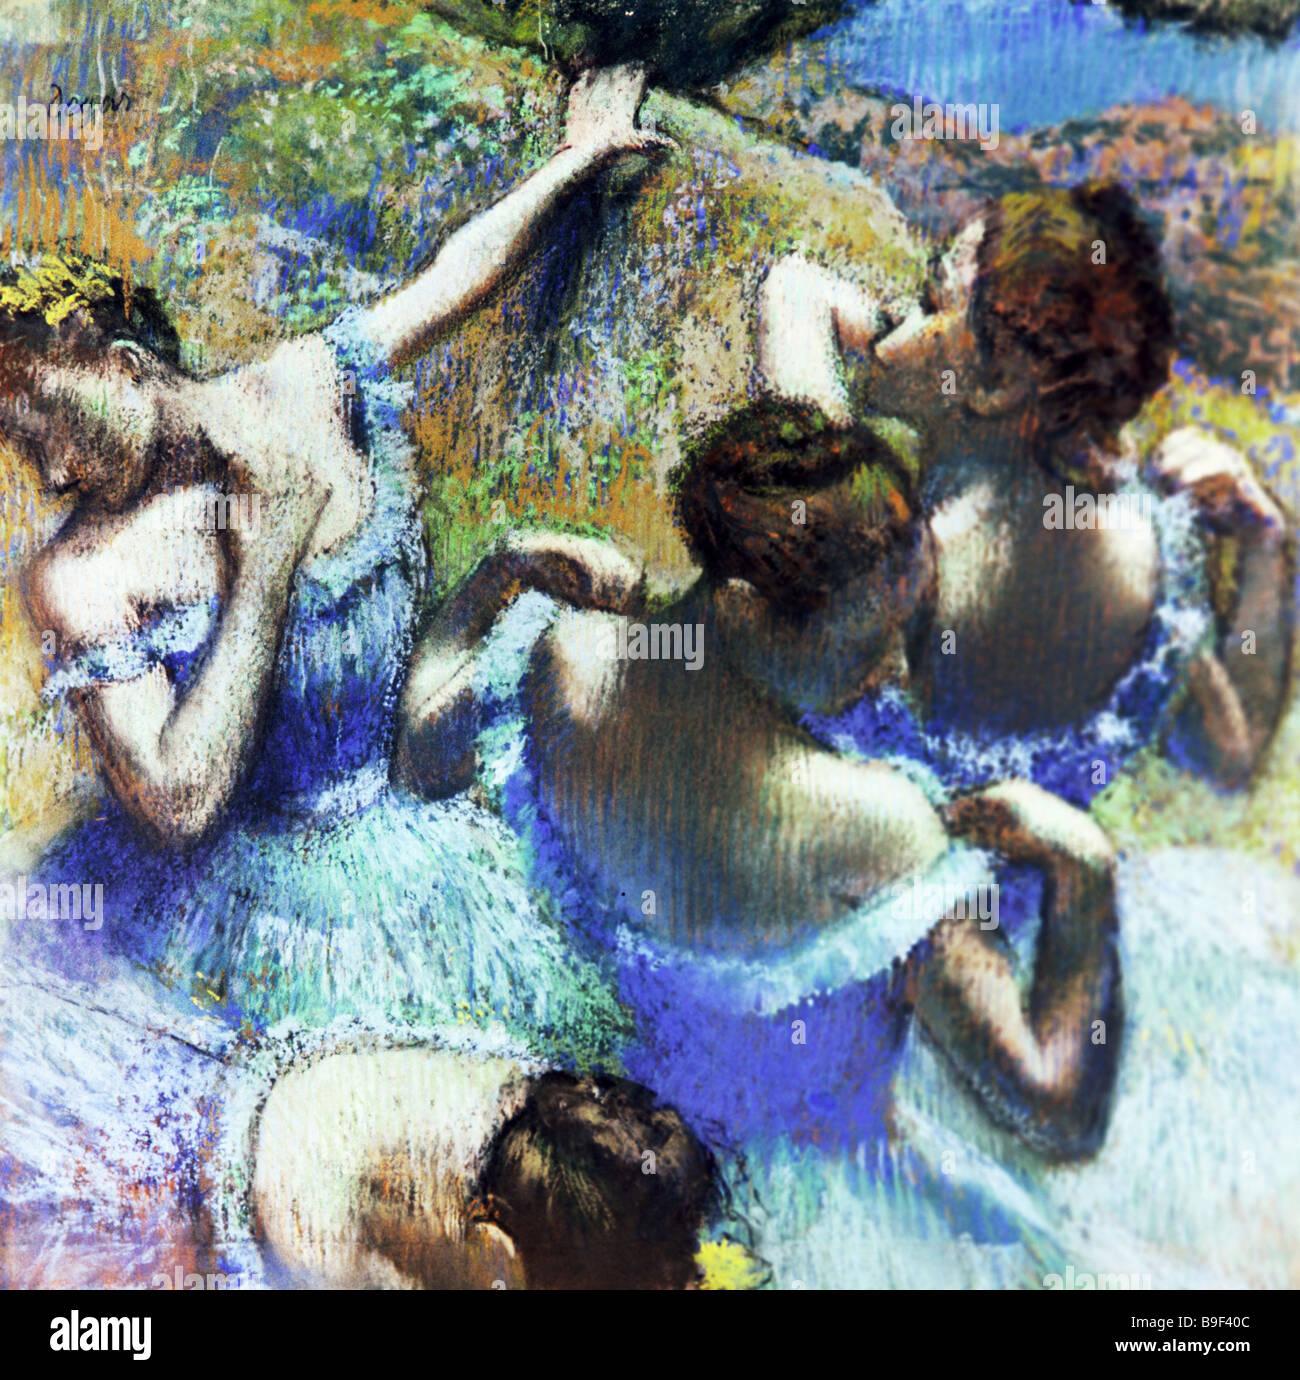 La pittura di ballerini blu di Edgar Degas 1834 1917 l'Alexander Pushkin al Museo delle Belle Arti Foto Stock